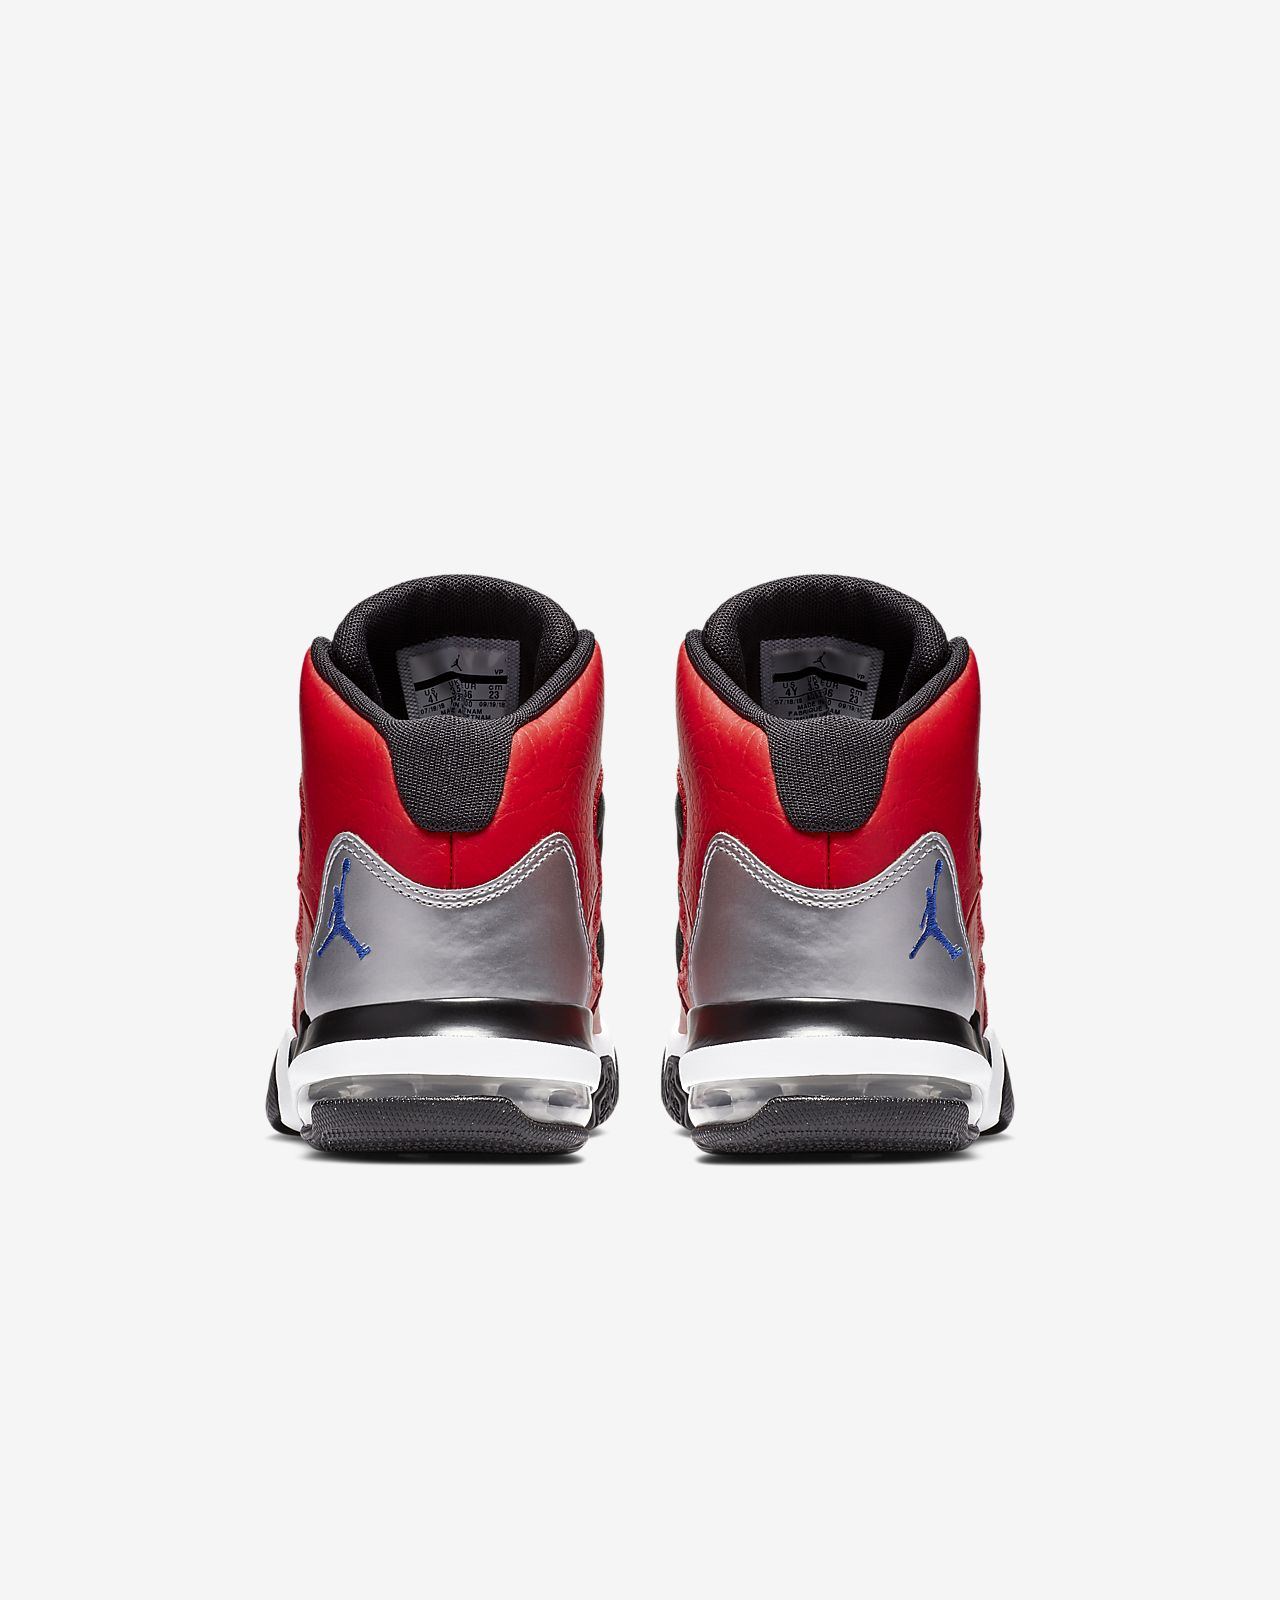 980a1ff3d21 Jordan Max Aura Older Kids' Shoe. Nike.com GB